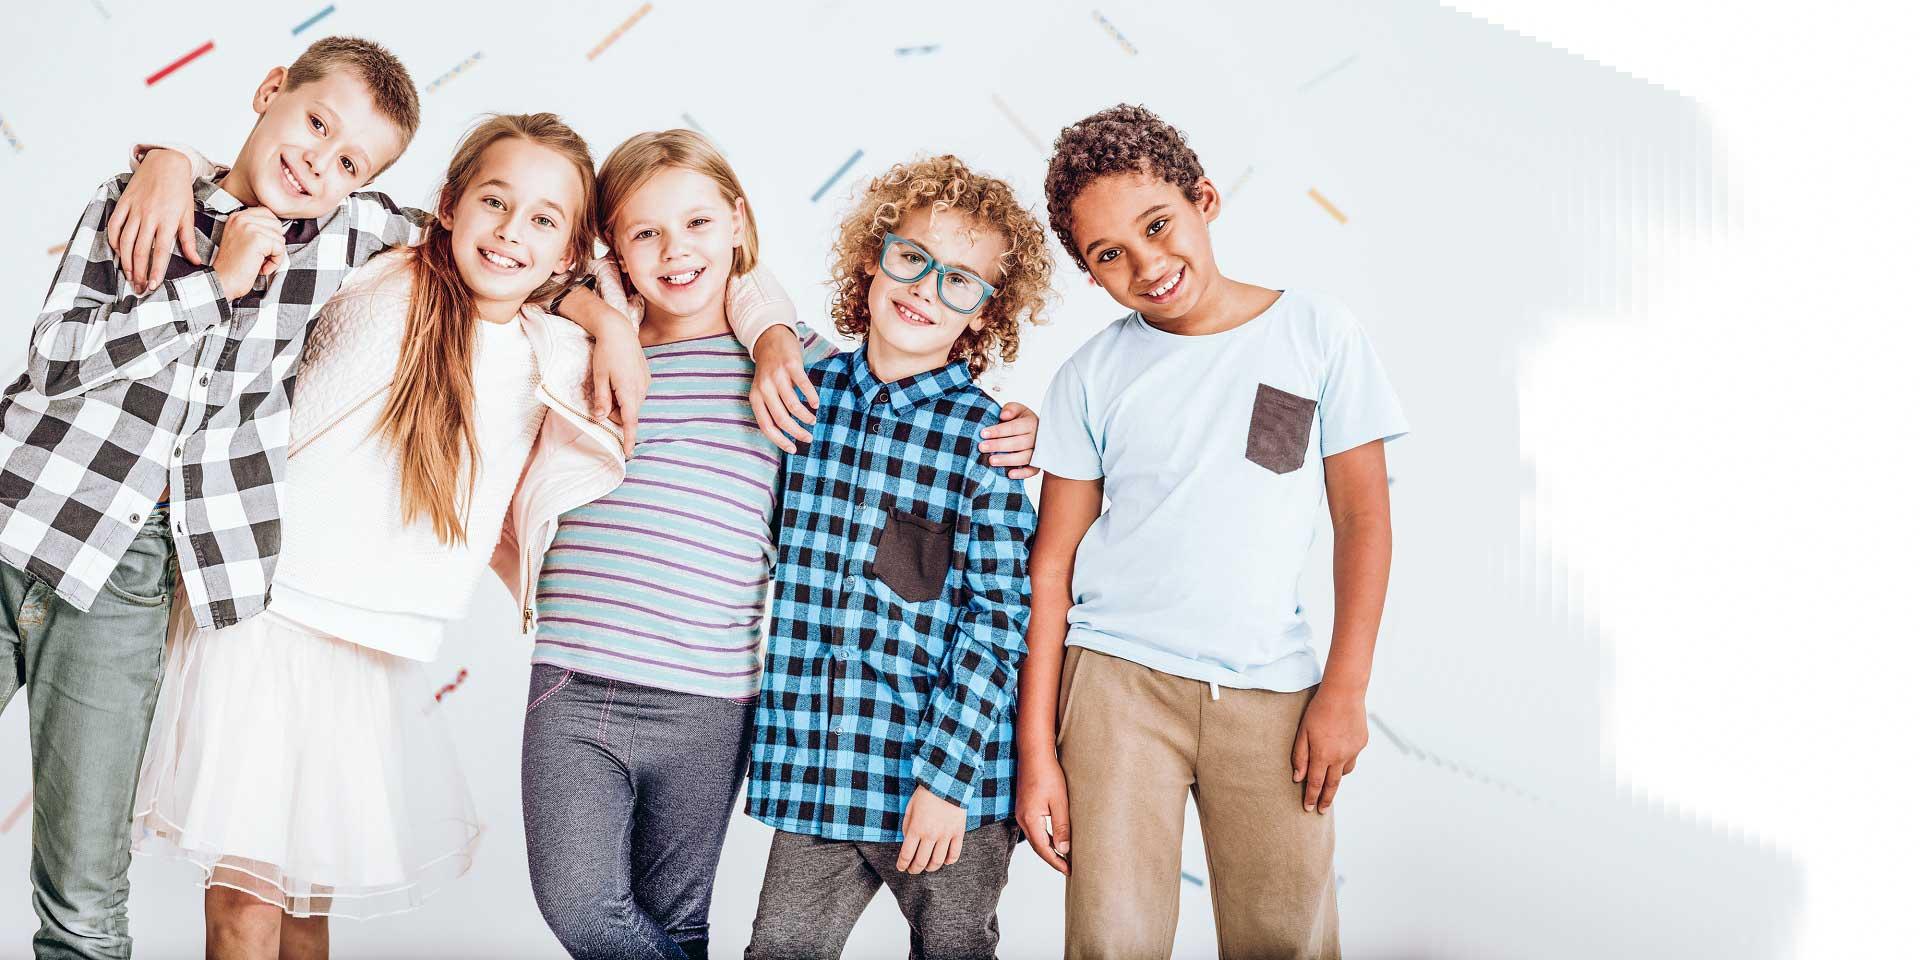 Care Dental - Dentist in Hobbs, Family Dentist, Kids Dentist